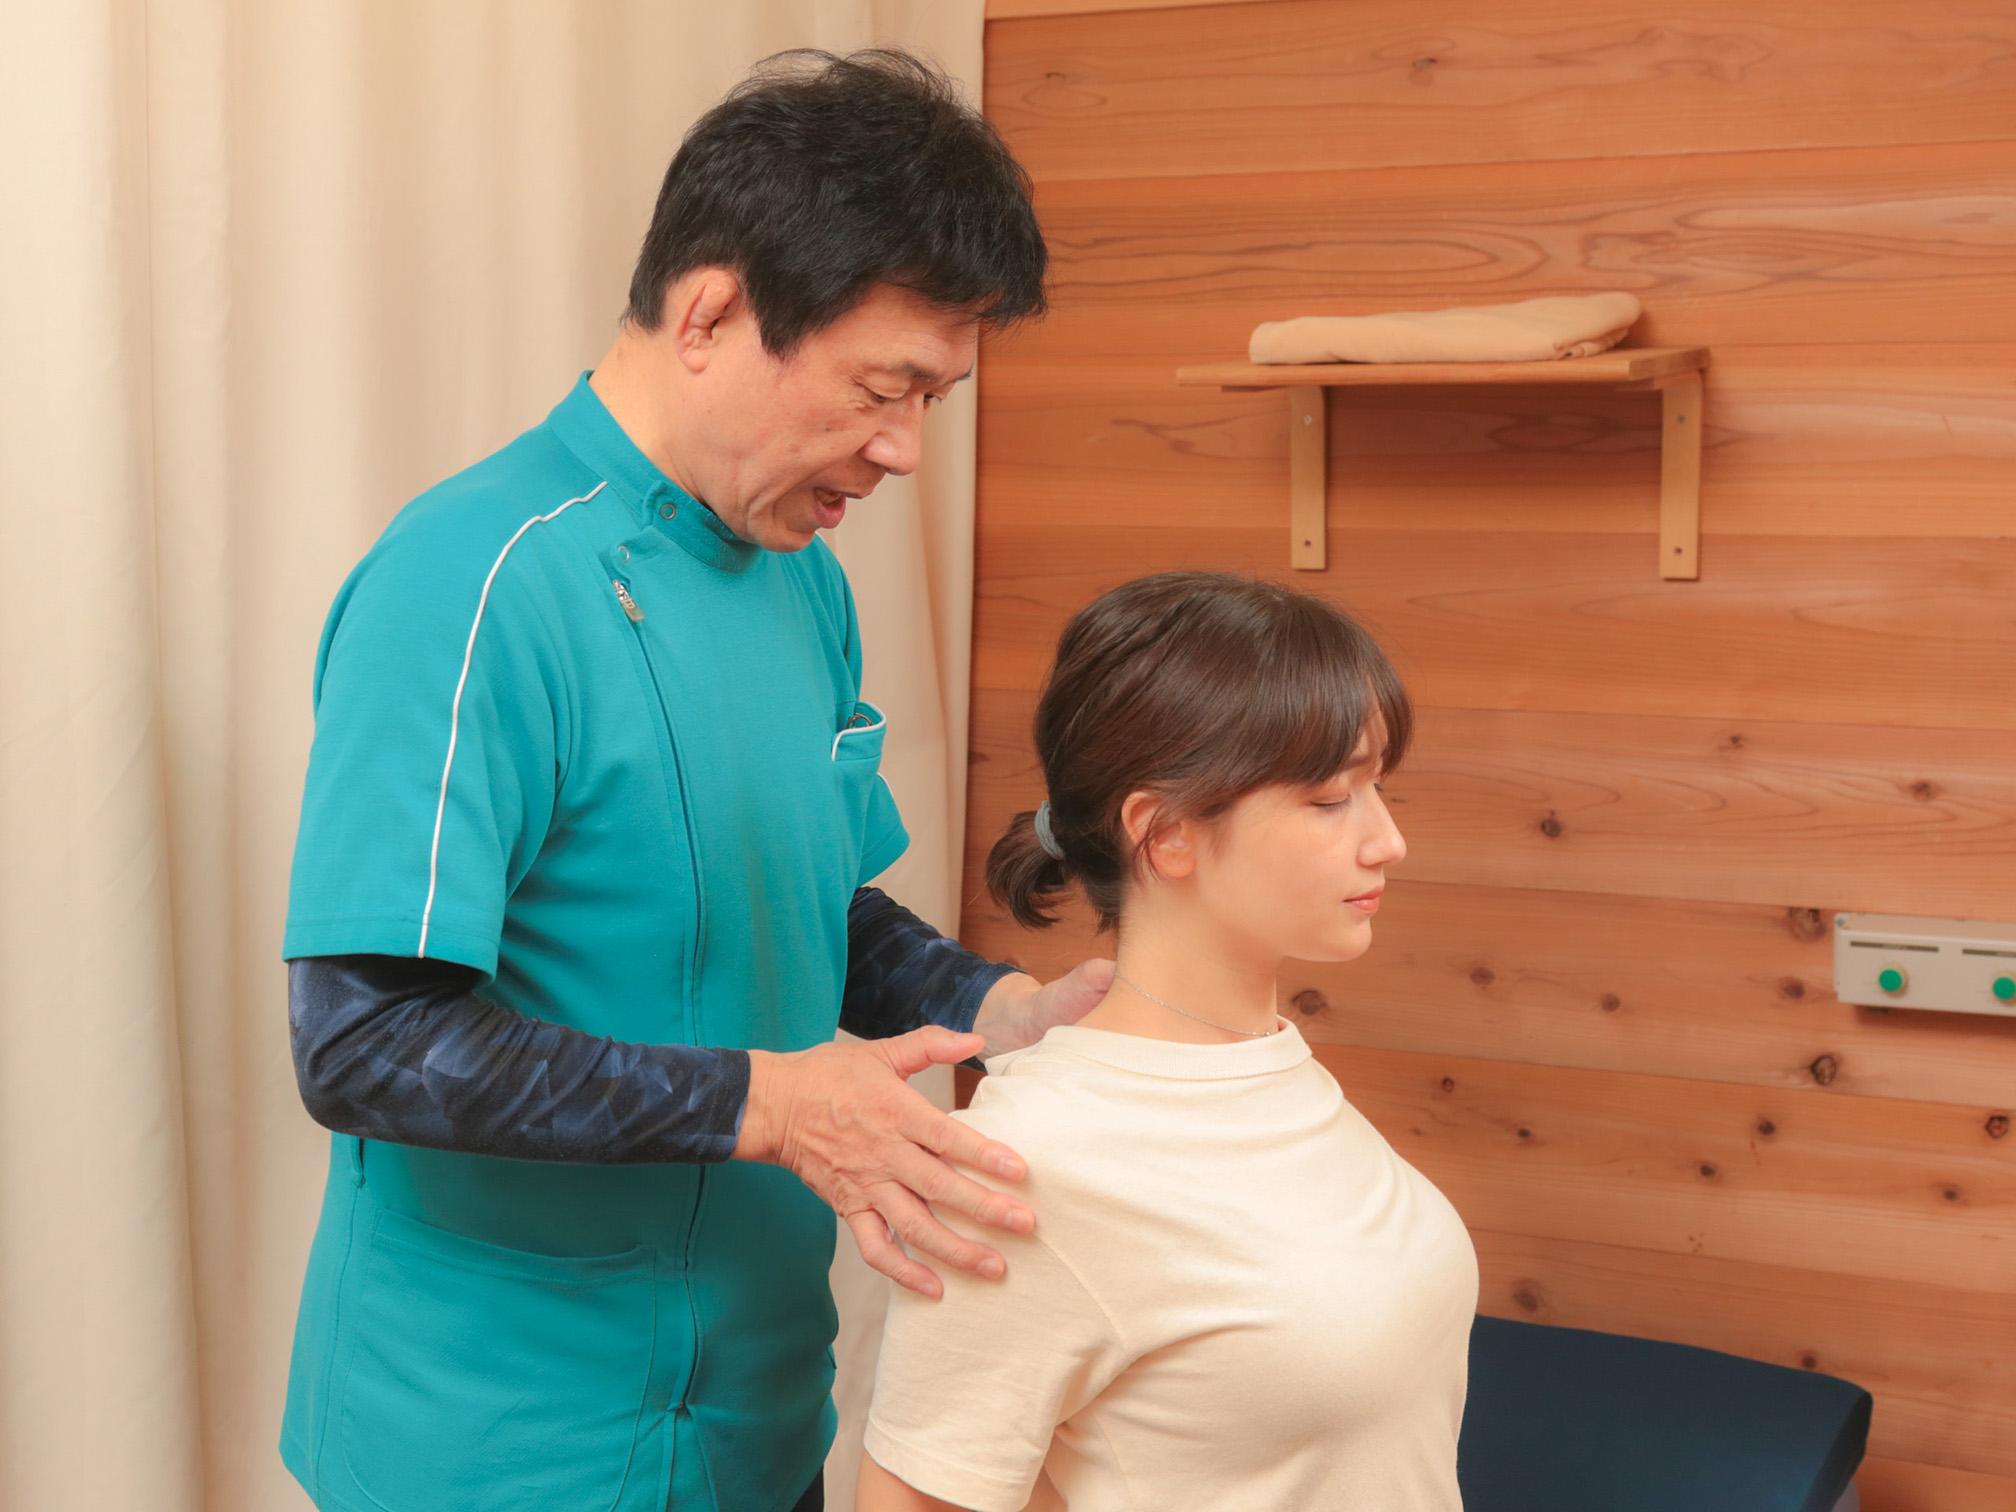 肩甲骨の動きや背中のコリ感・張り感を確認します